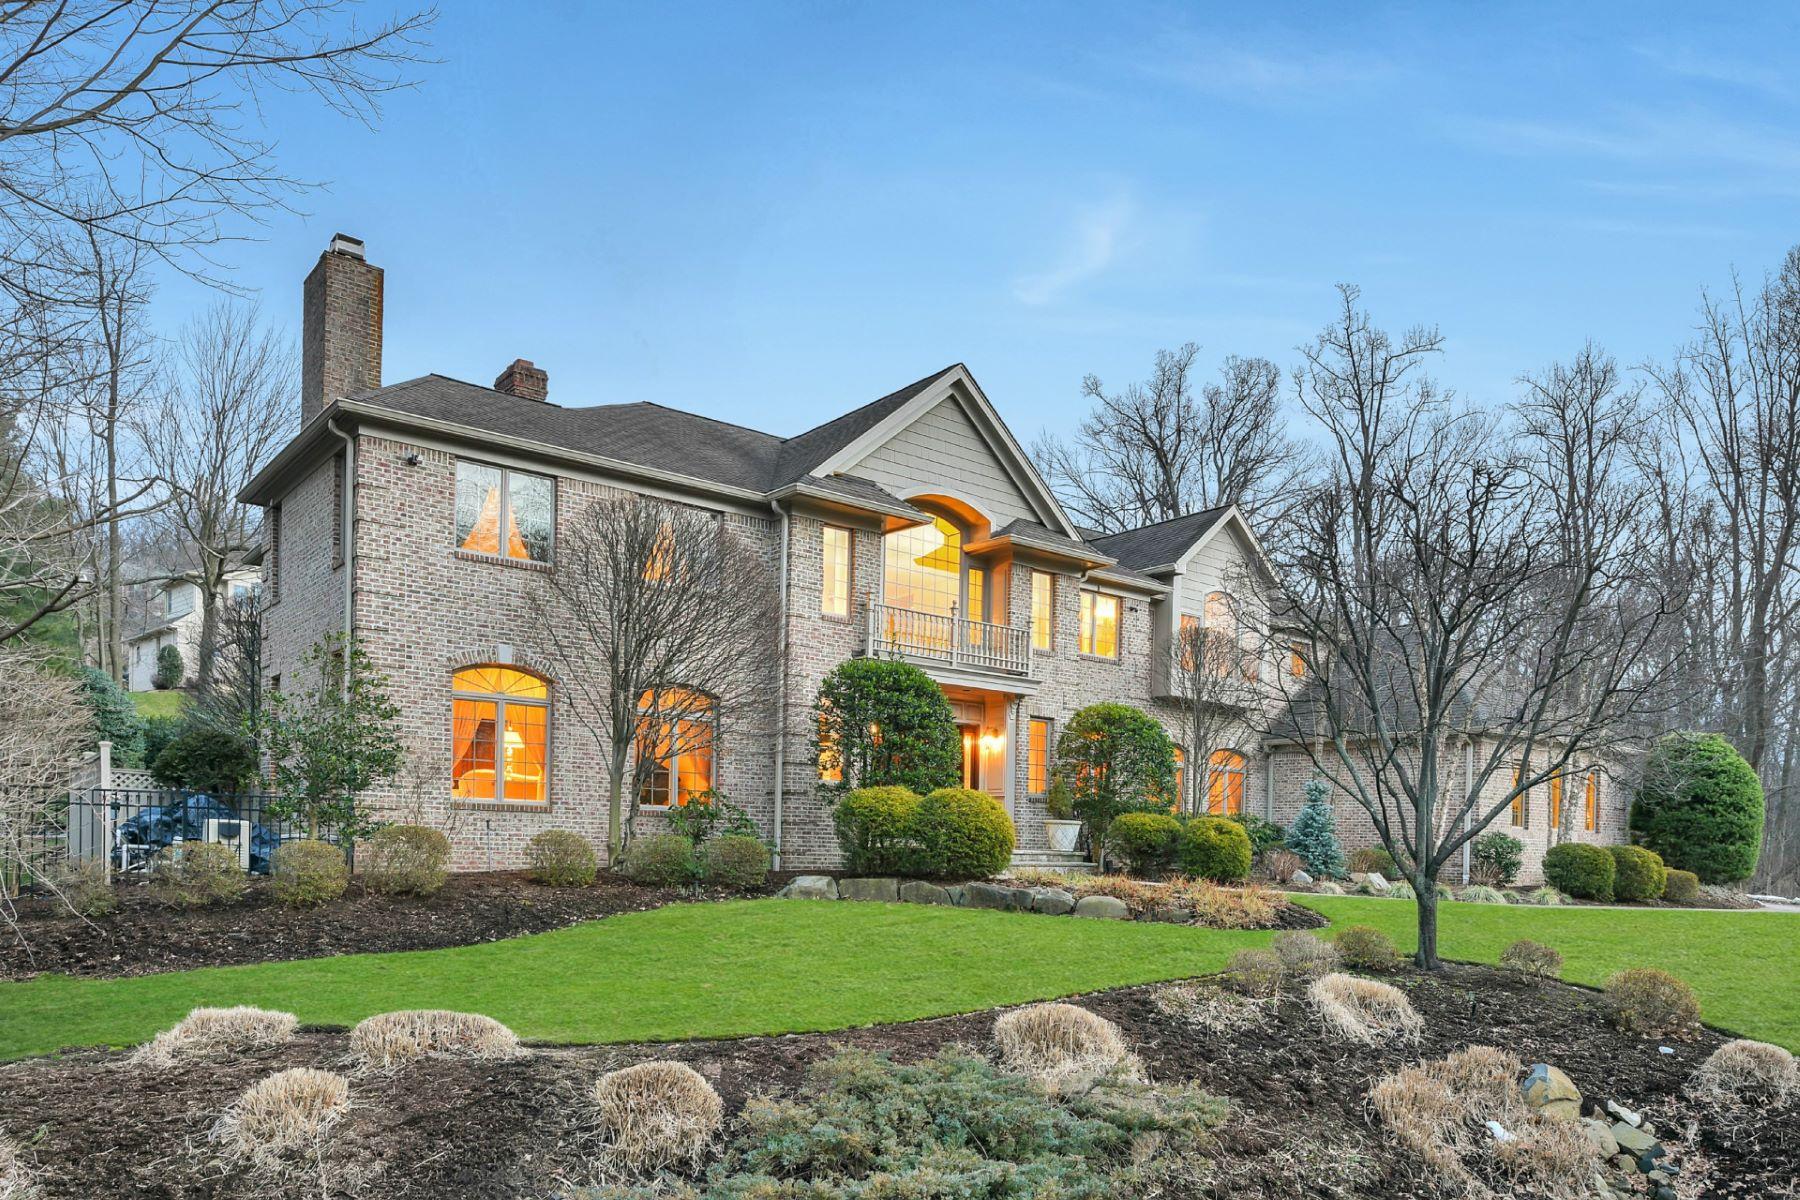 独户住宅 为 销售 在 Timeless & Classic 5 Millers Xing 特纳弗莱, 新泽西州 07670 美国